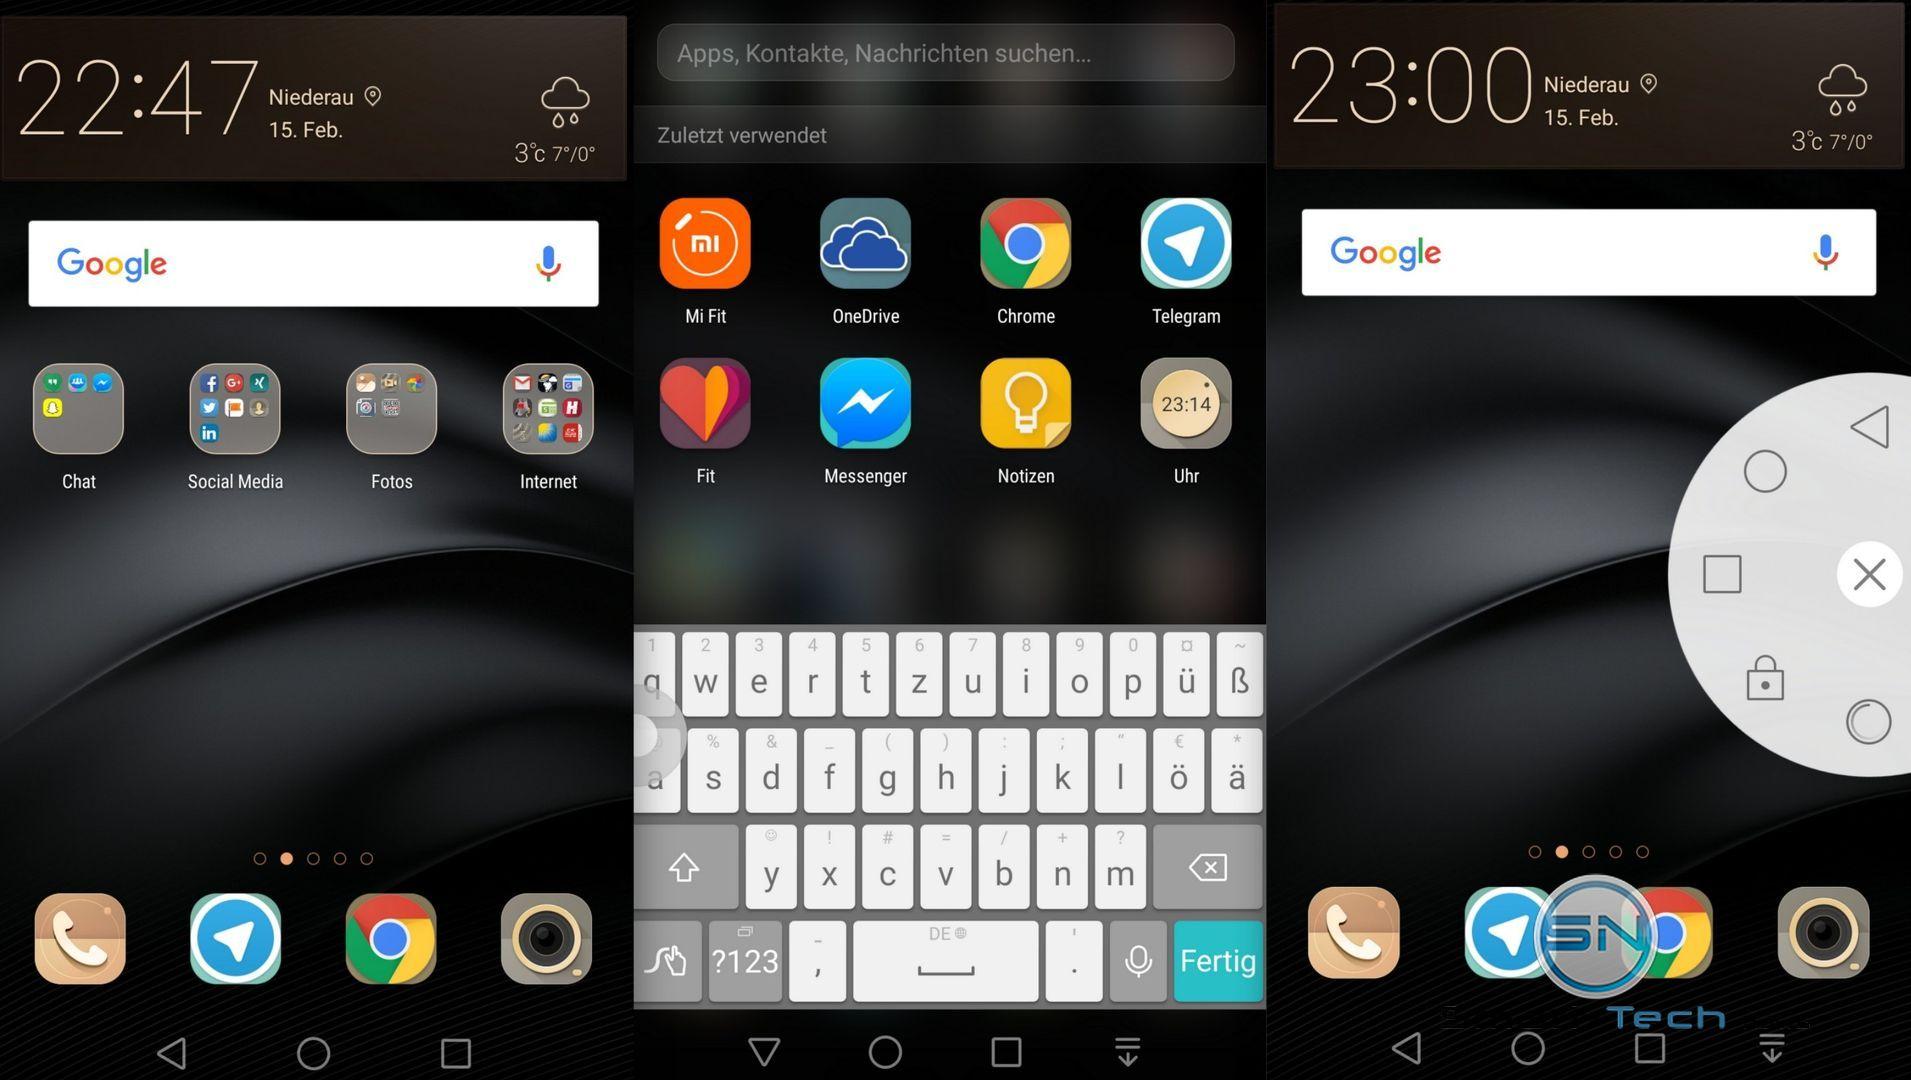 Homescreen und Apps - Huawei GX8 - SmartTechNews